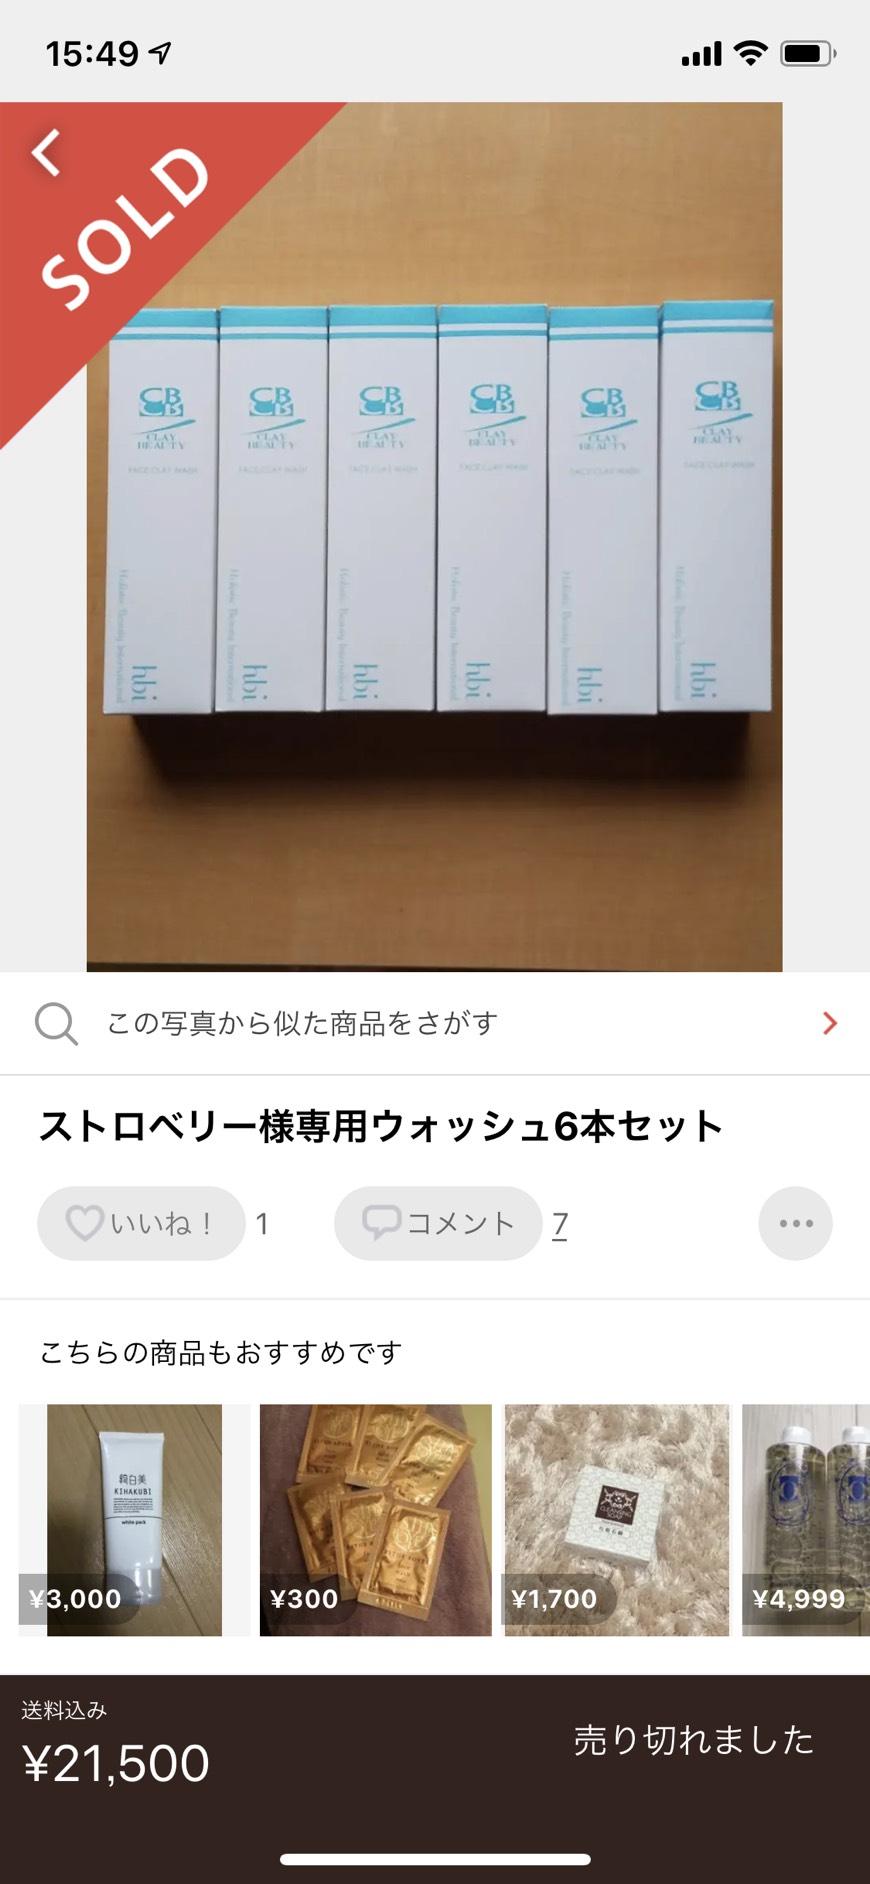 価格は21,500円